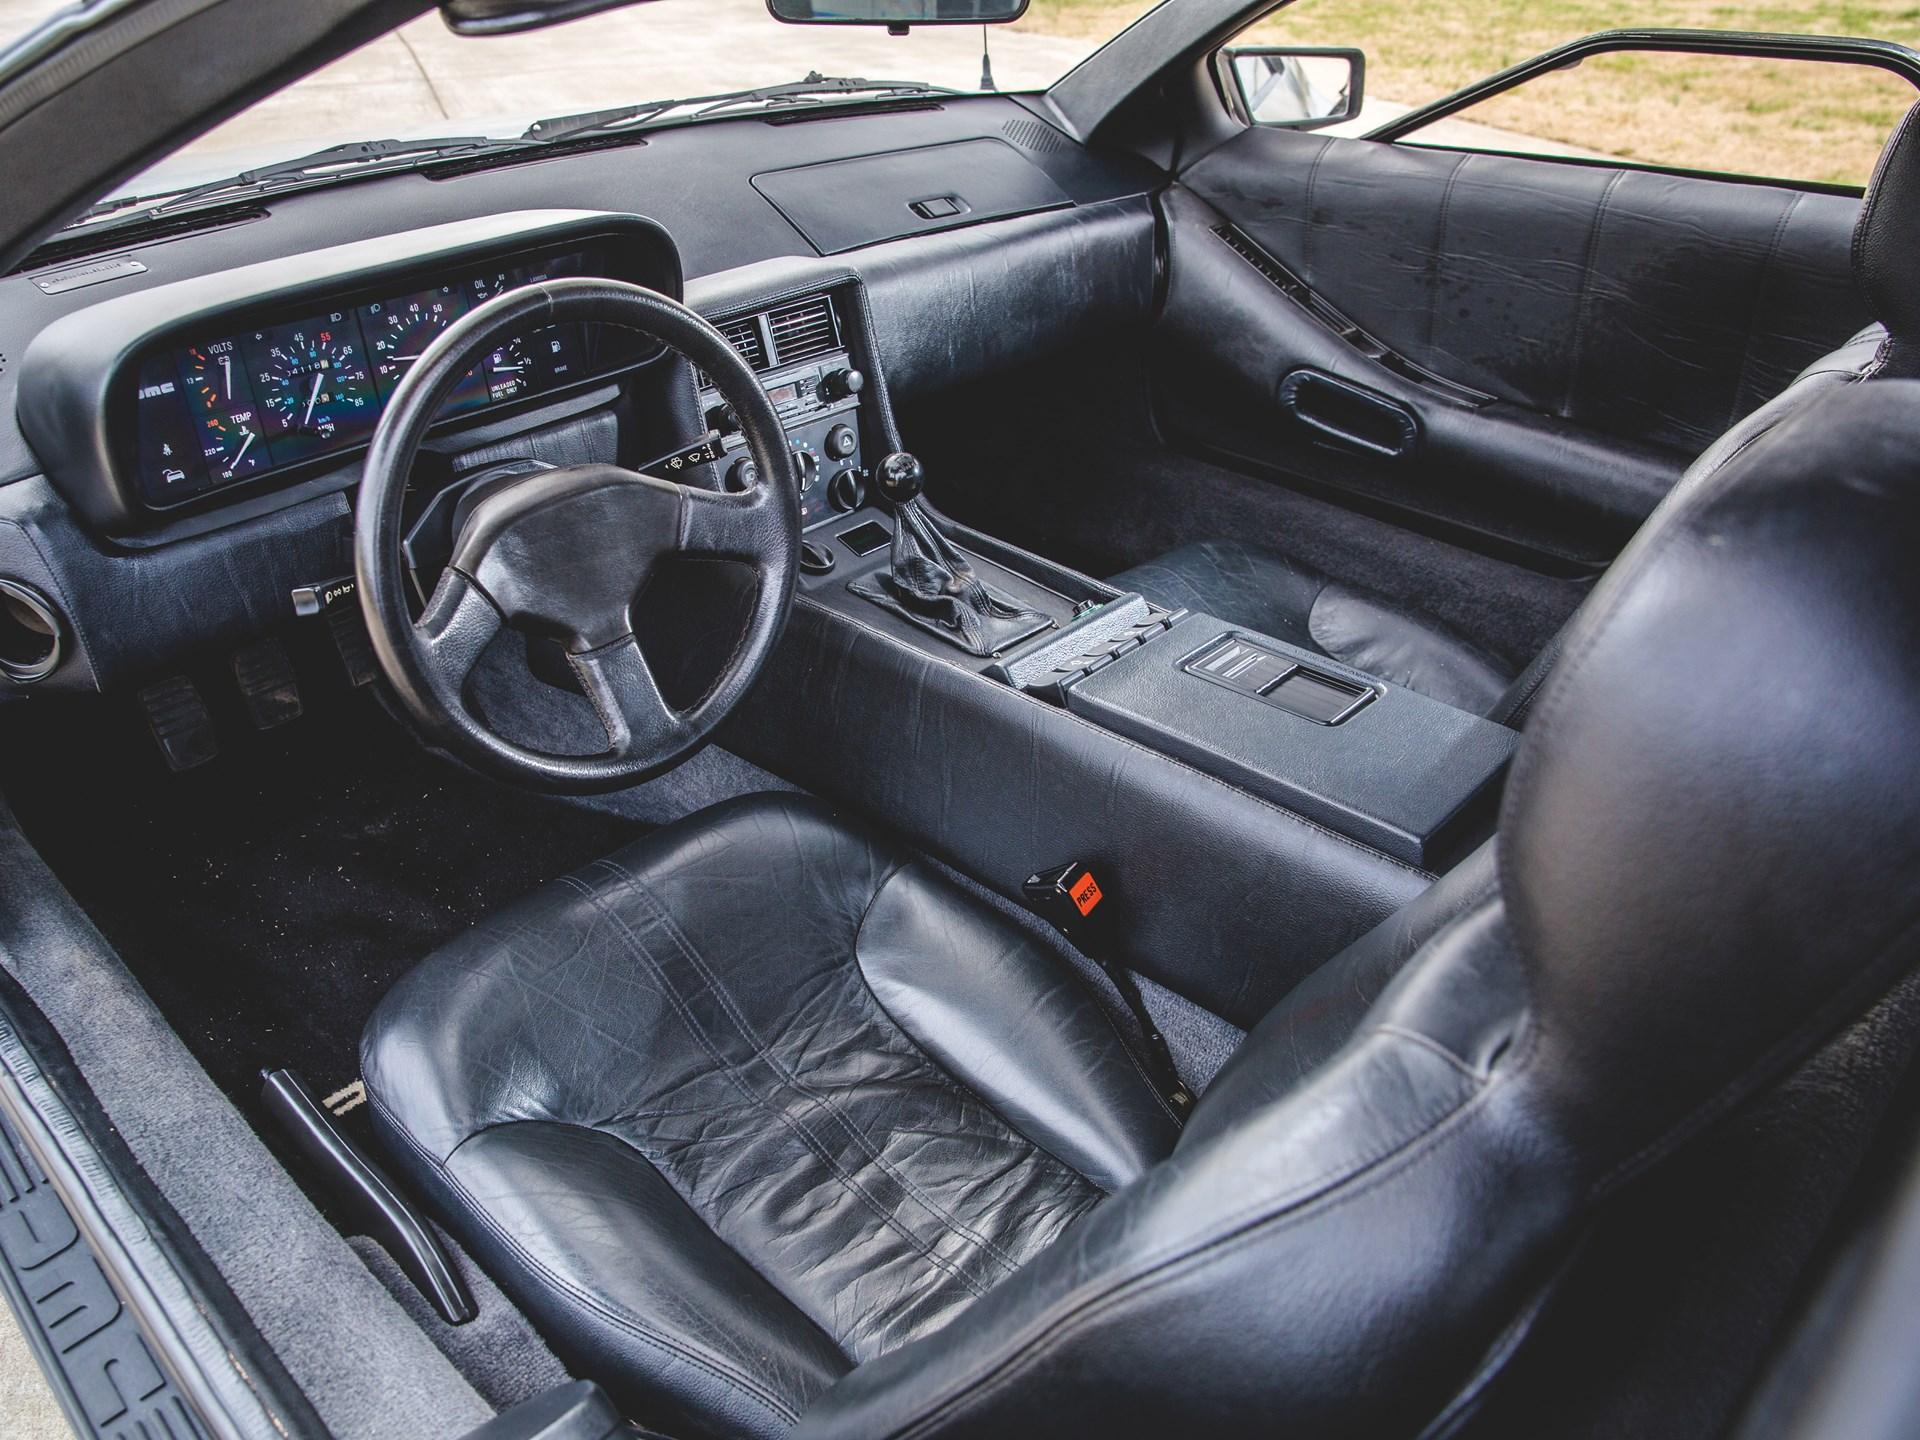 1981 DeLorean DMC-12 interior Driver